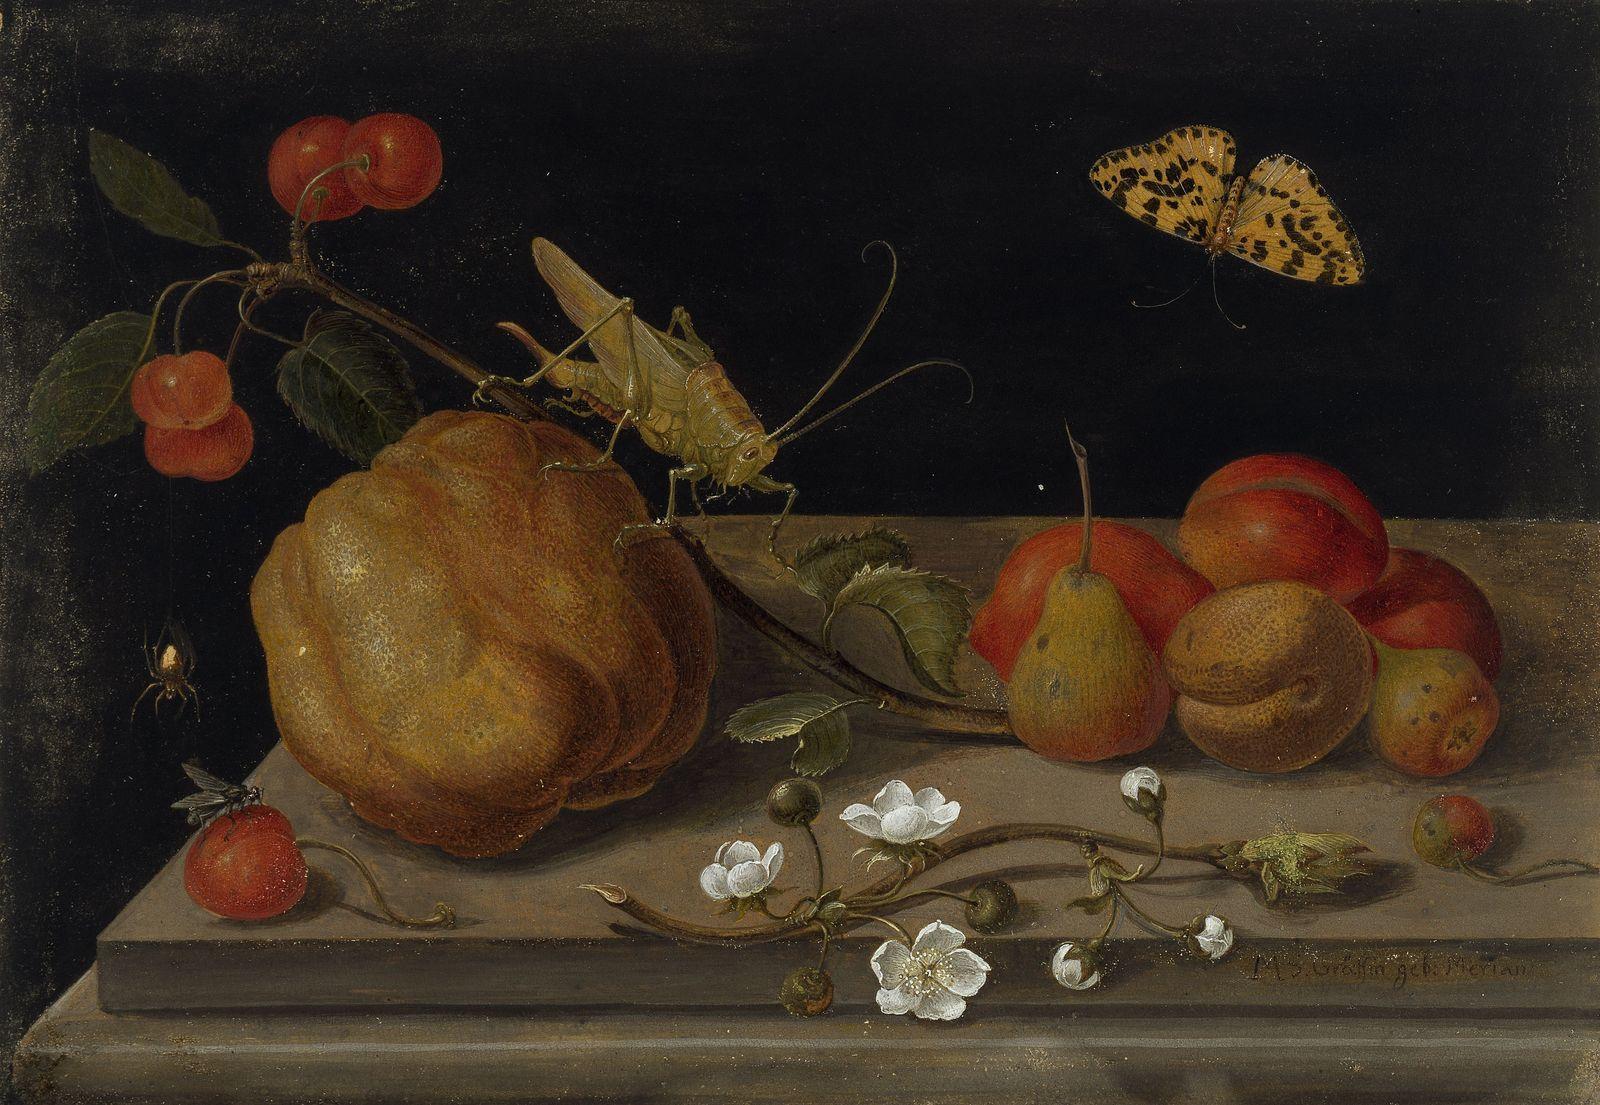 Maria Sibylla Merian: Stillleben mit Früchten, einer Heuschrecke und einem Schmetterling (1670-1680);  (c) Kupferstichkabinett, SMB